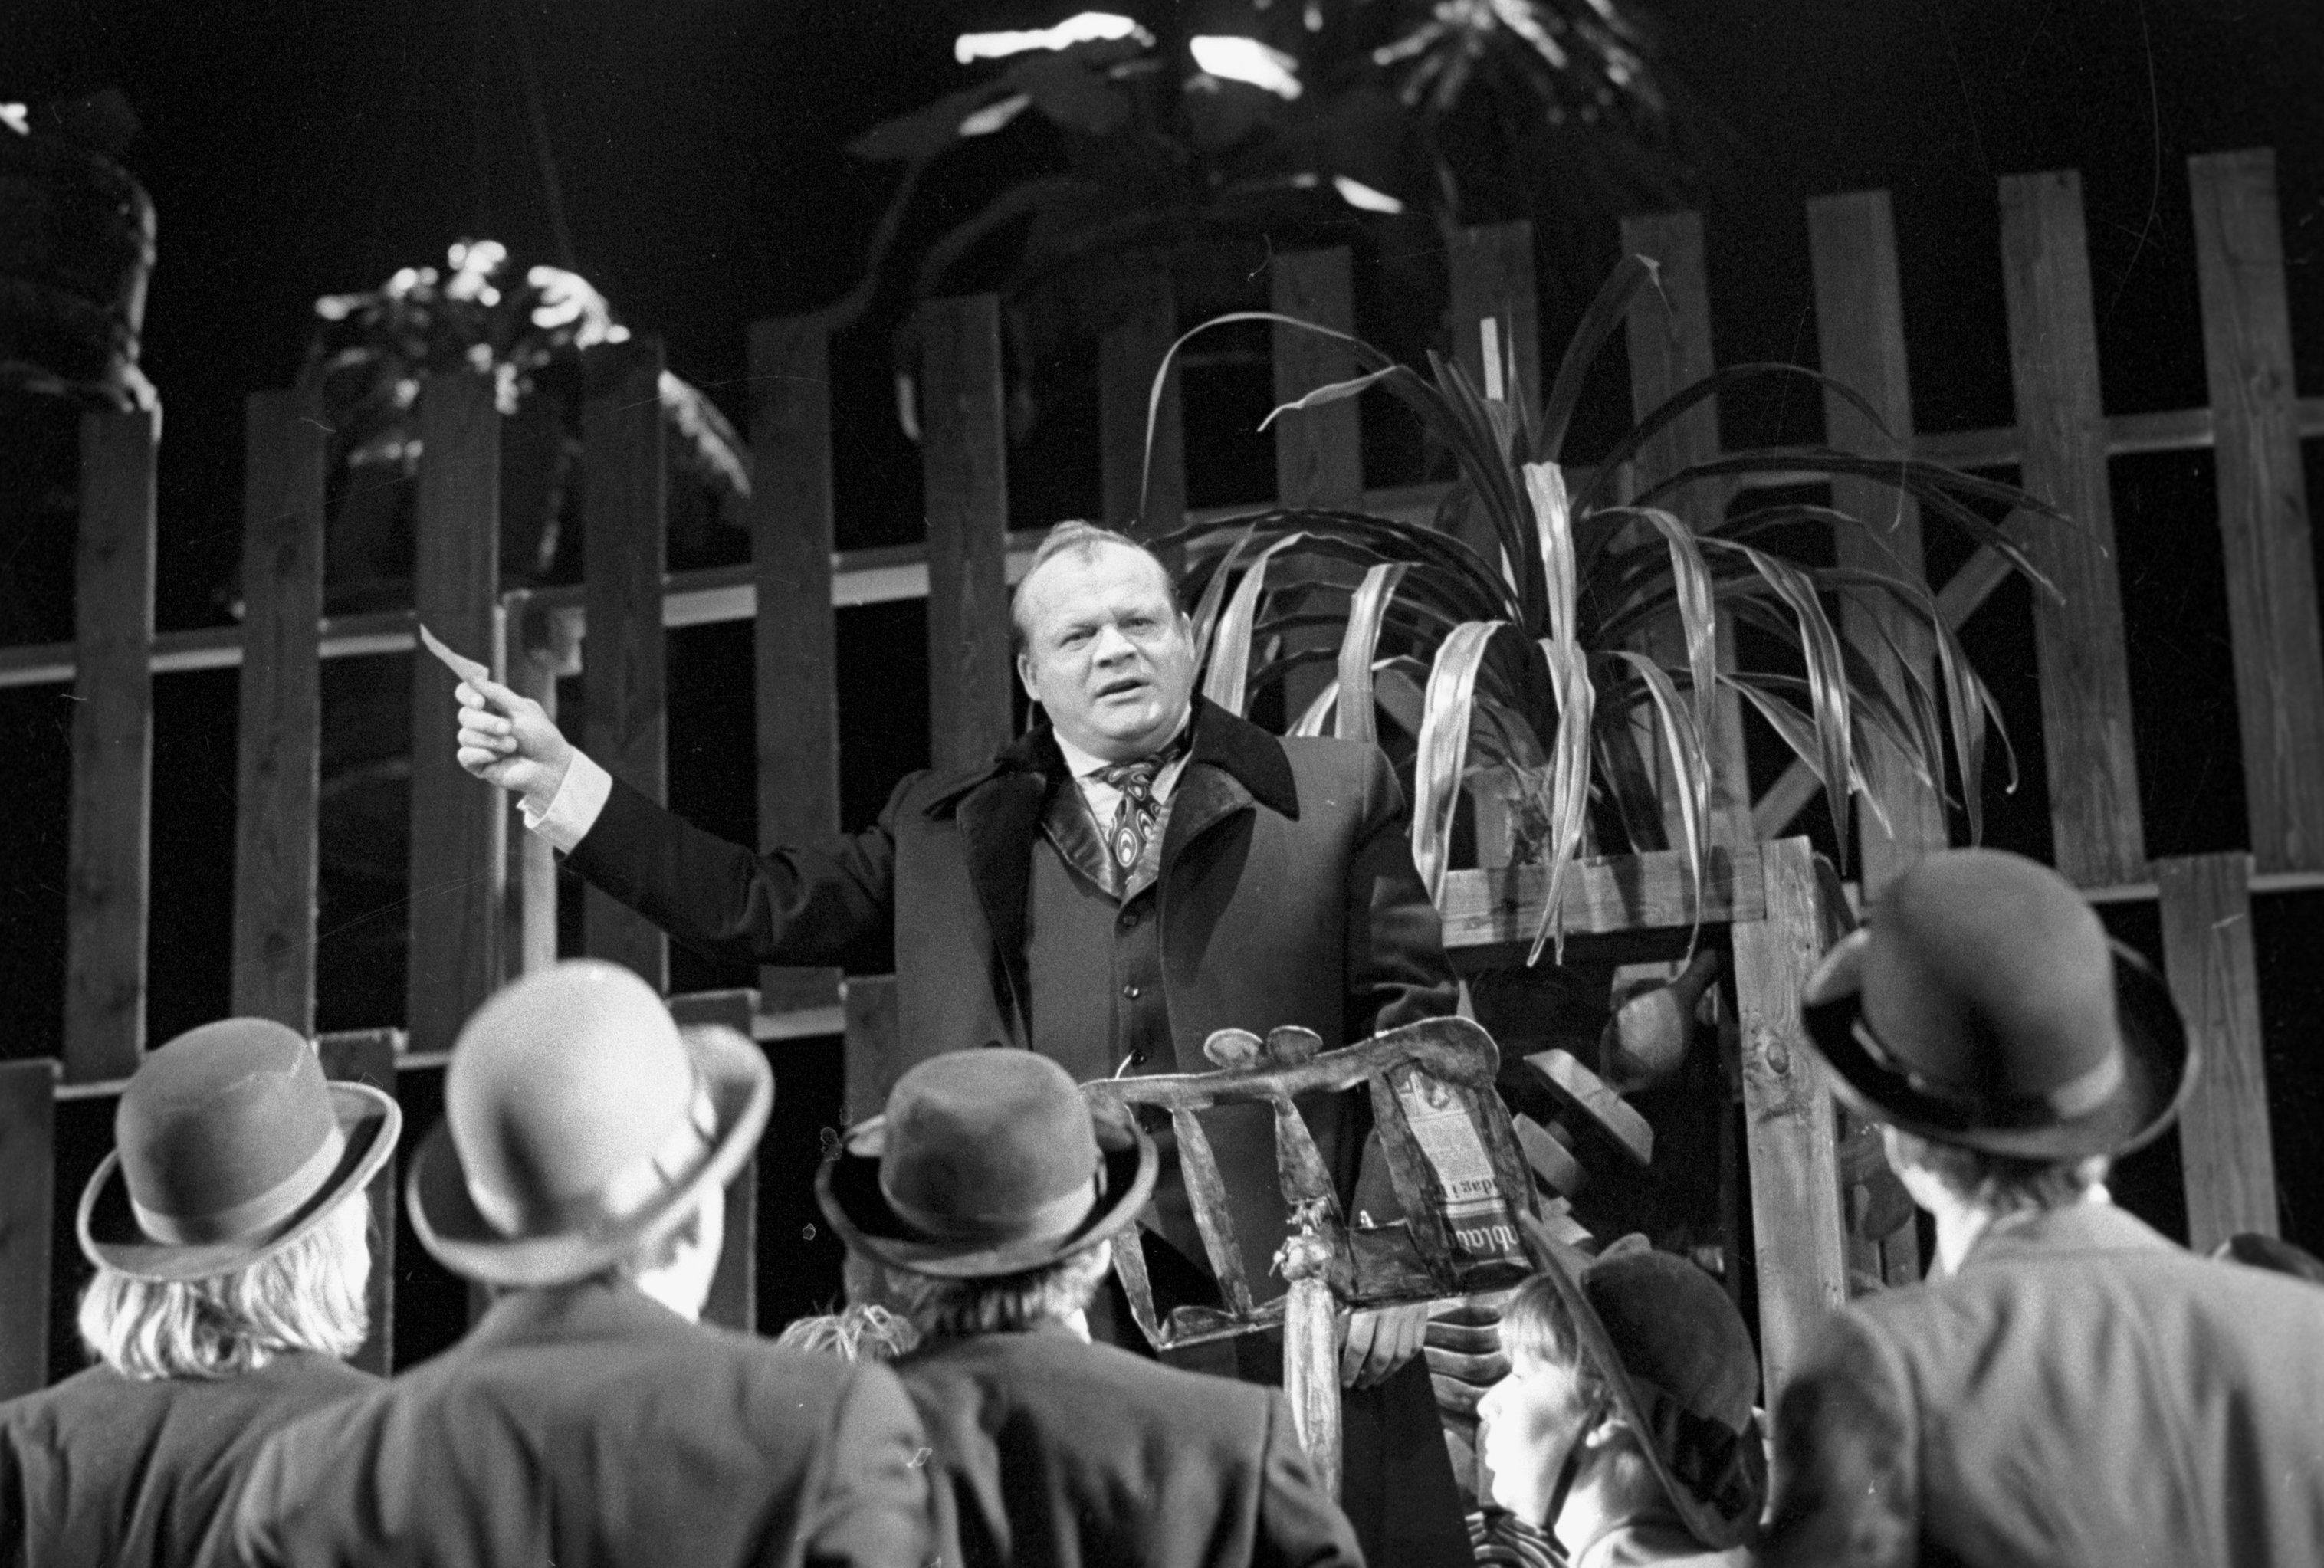 Актер Петр Щербаков в спектакле по пьесе Генри Ибсена Доктор Стокман на сцене Московского театра Современник